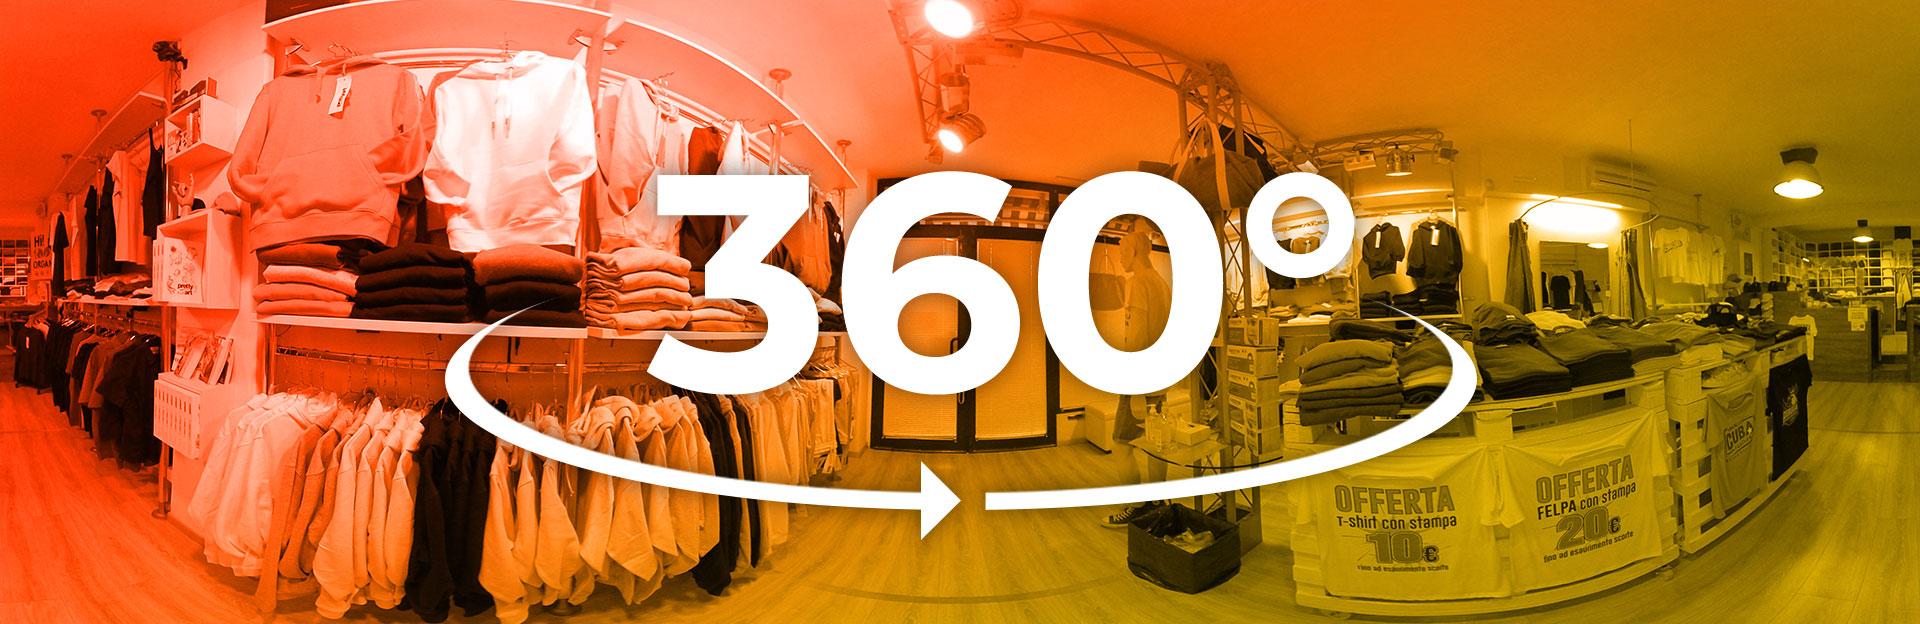 Virtual Tour 360° Pretty Art